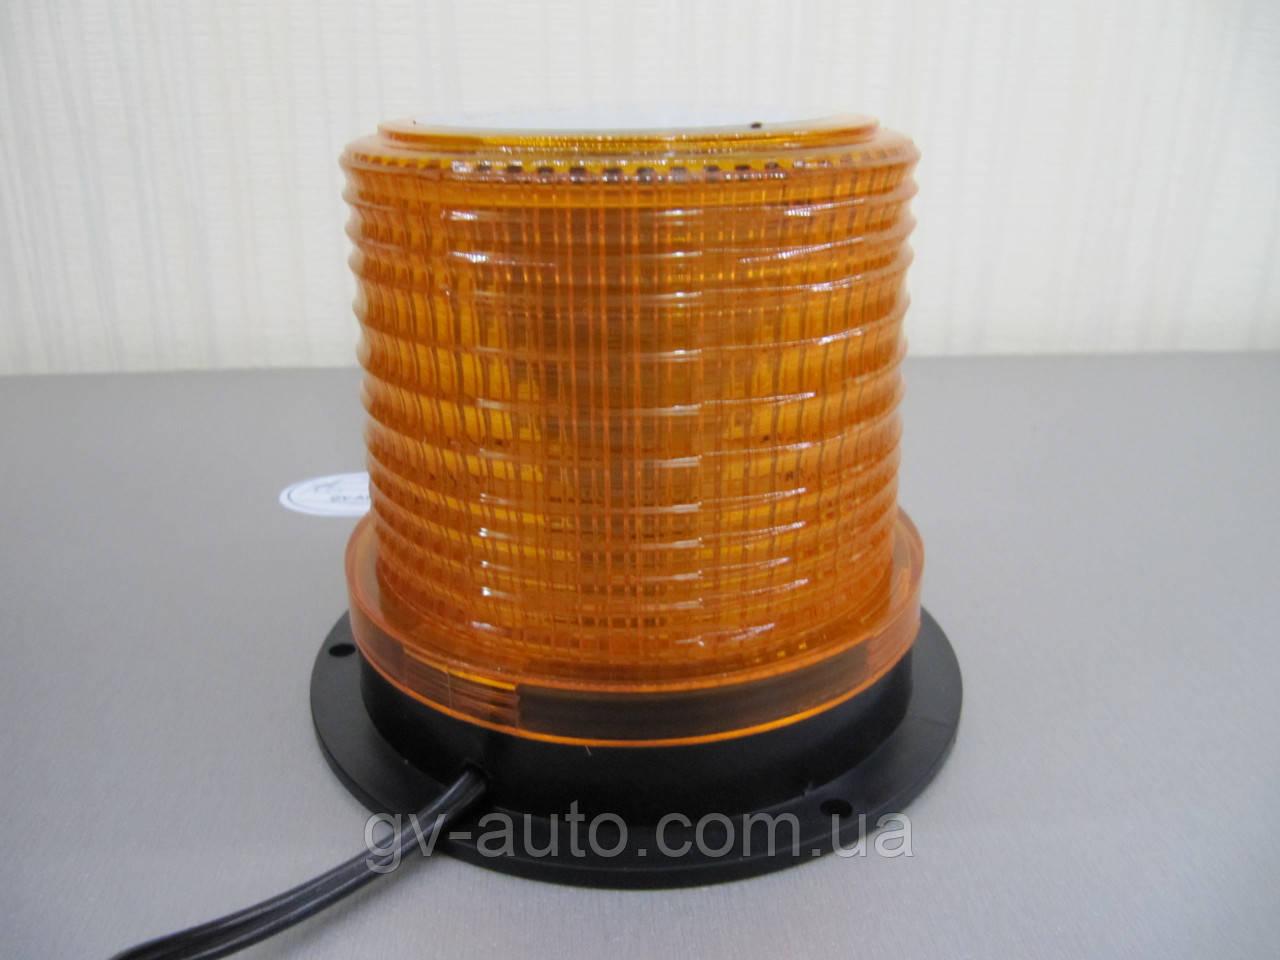 Разрешение на оранжевый проблесковый маячок